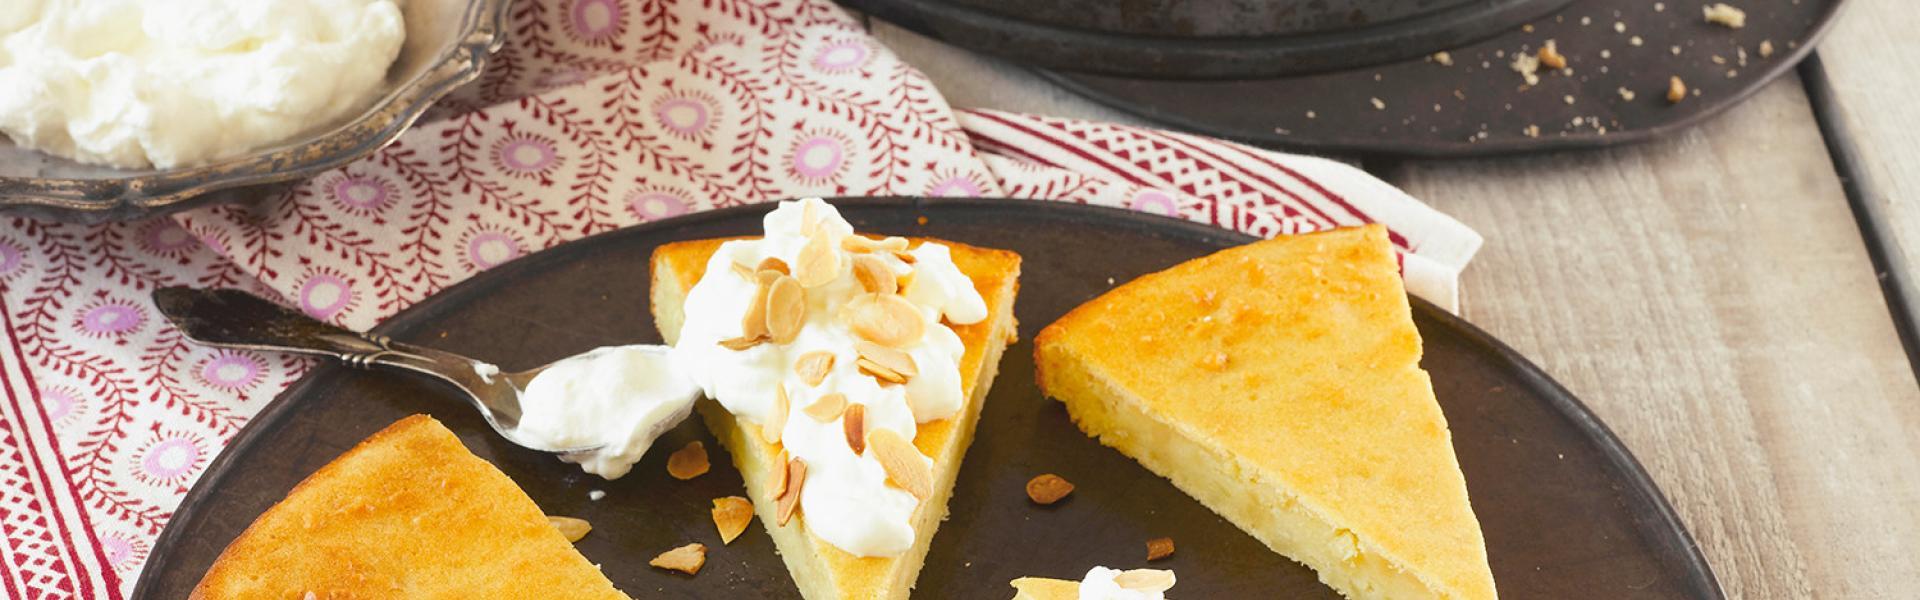 Kartoffelkuchen süß in Stücken mit Sahne und Mandelblättchen auf einem Teller.